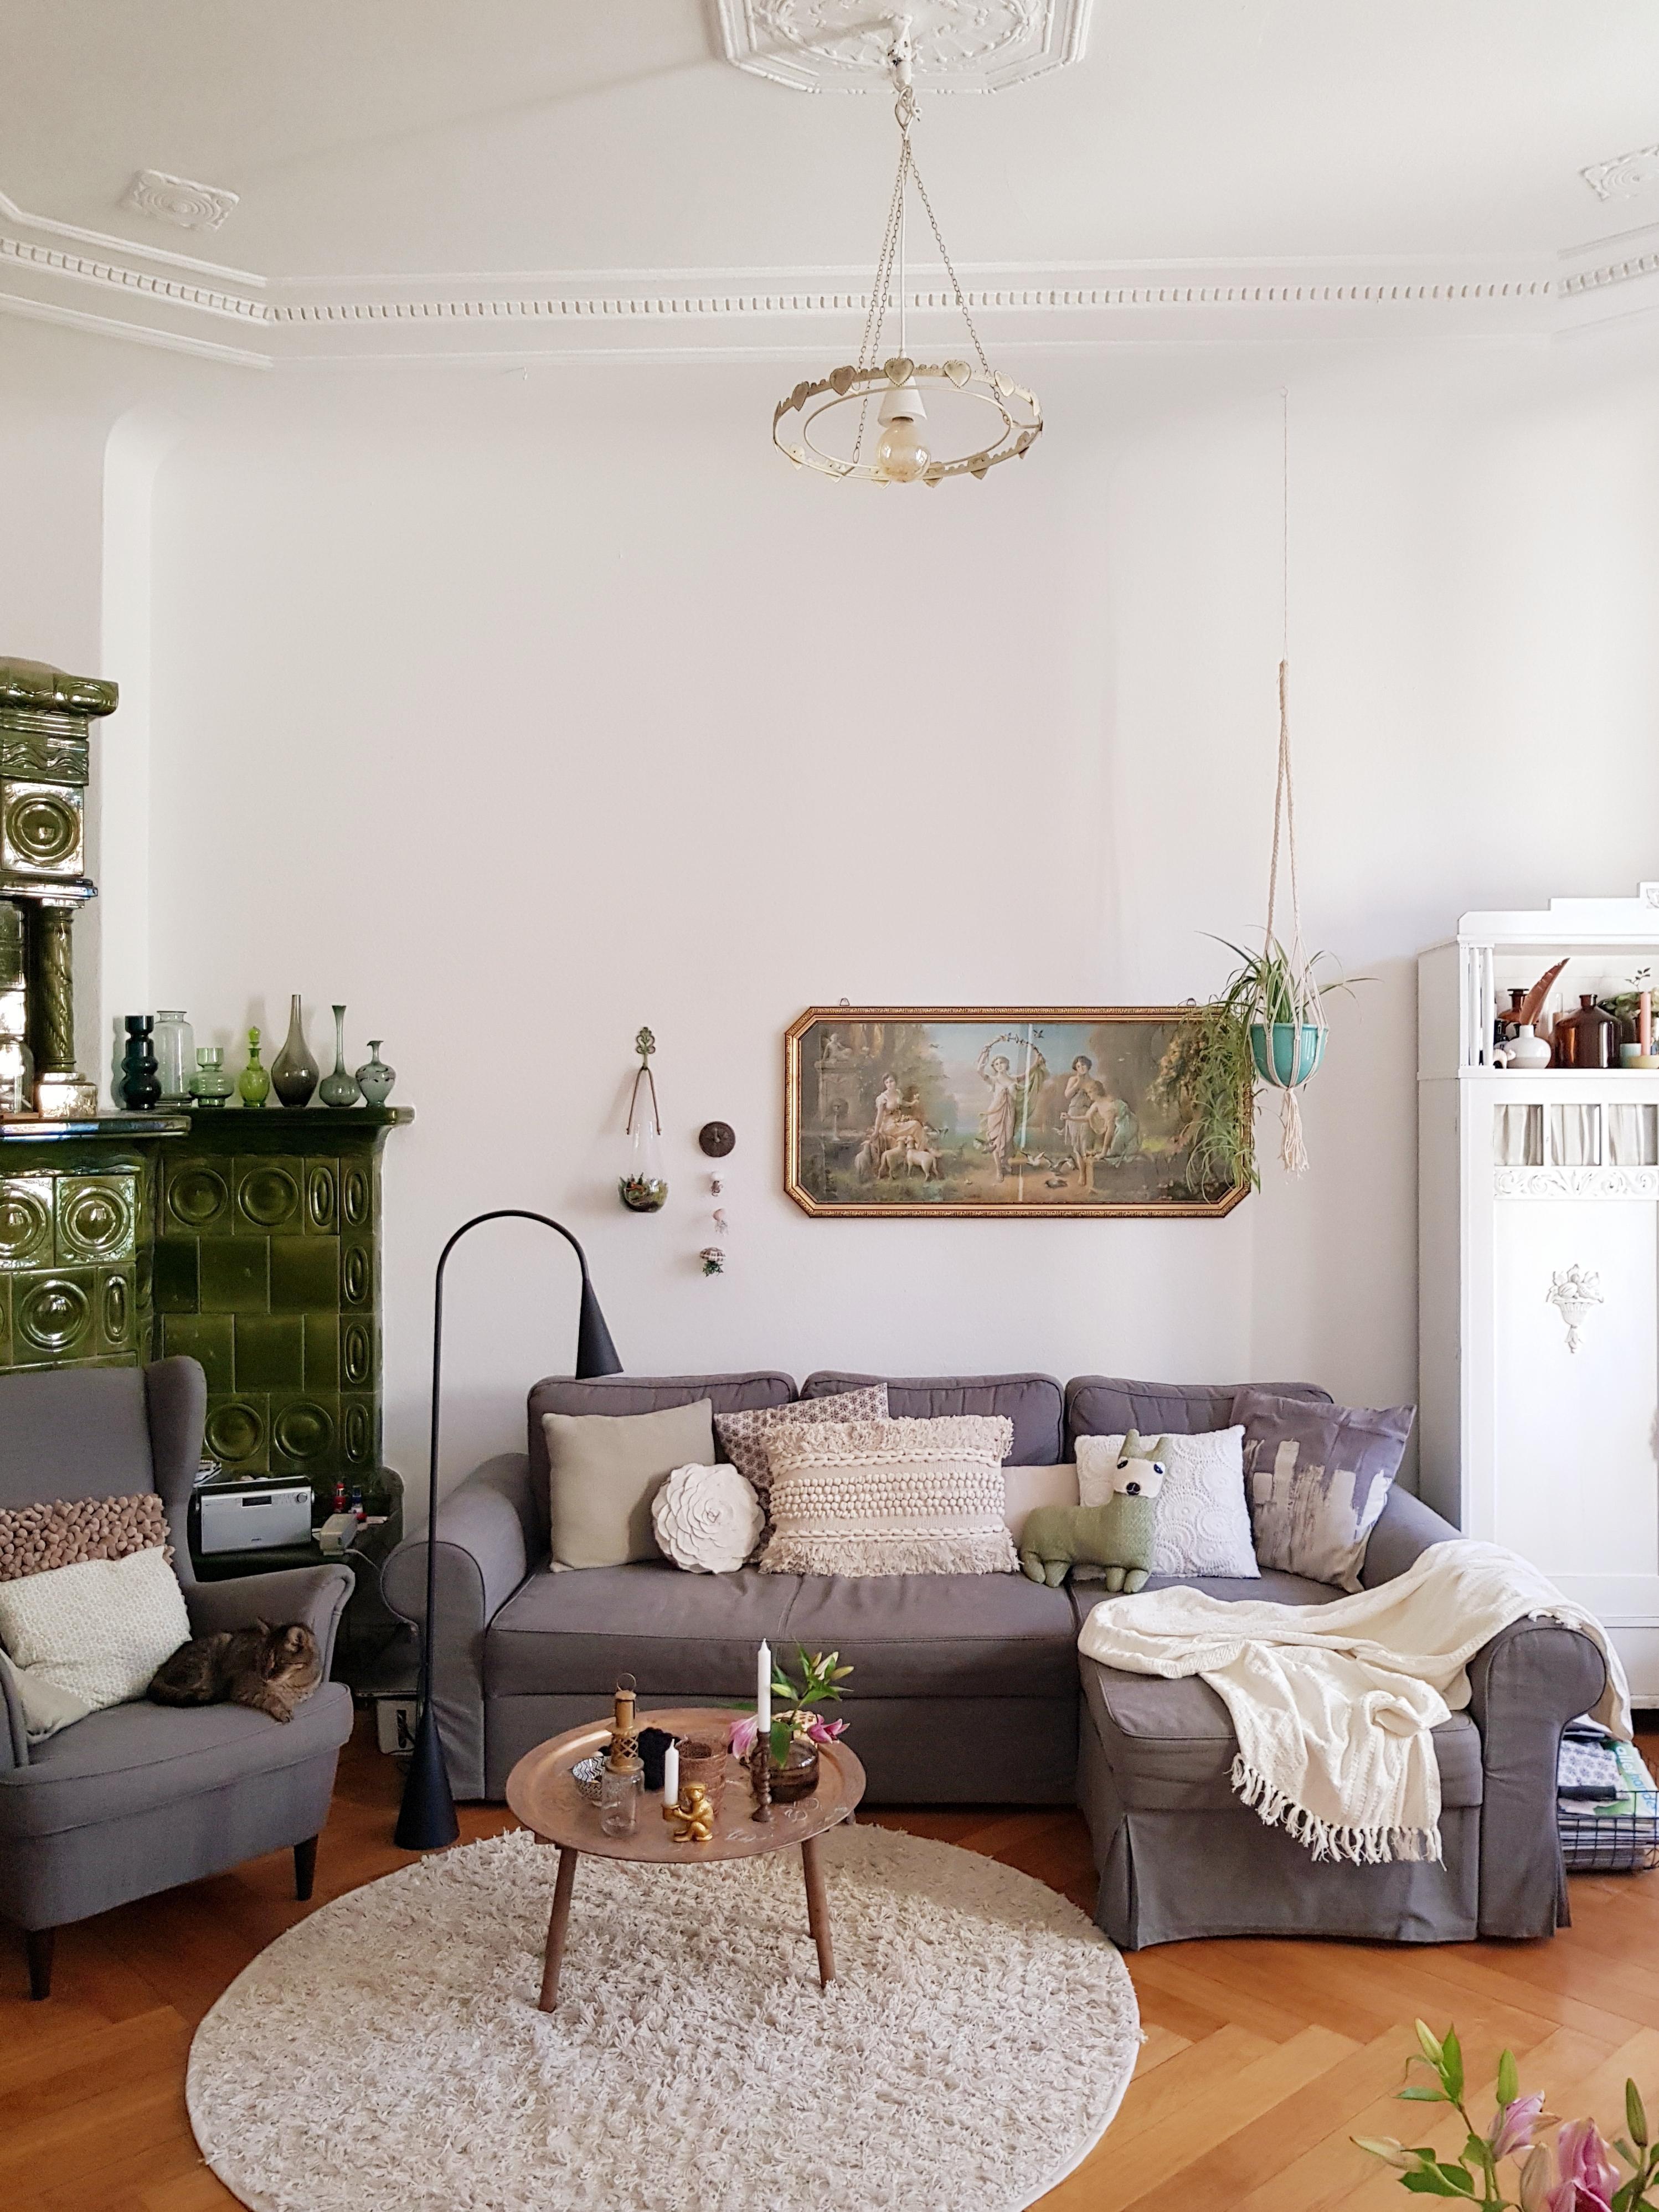 platzsparend ideen billig sofa, wohnzimmer bilder: lass dich inspirieren!, Innenarchitektur